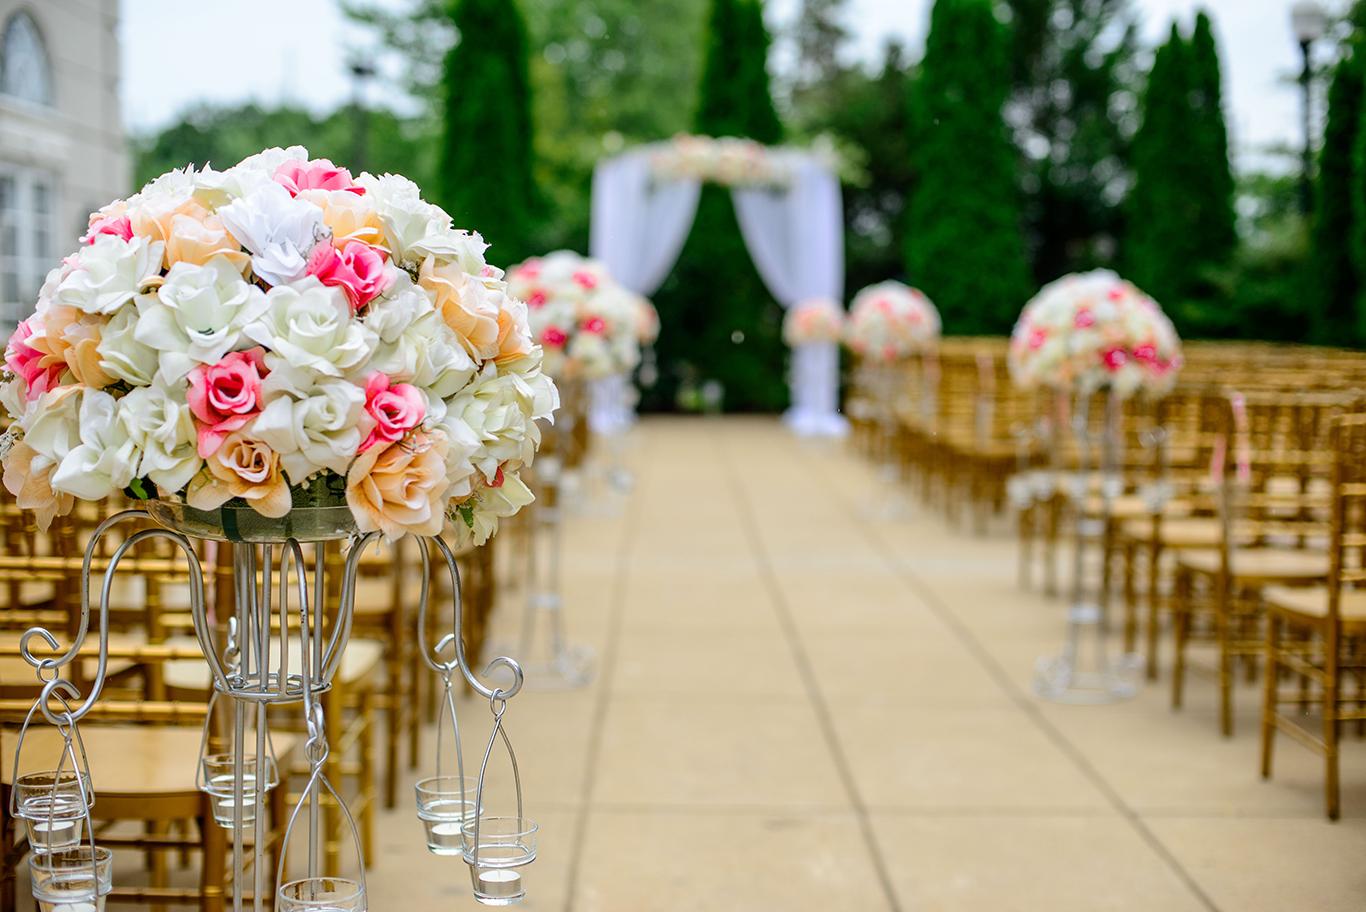 mariage allée fleurs arche